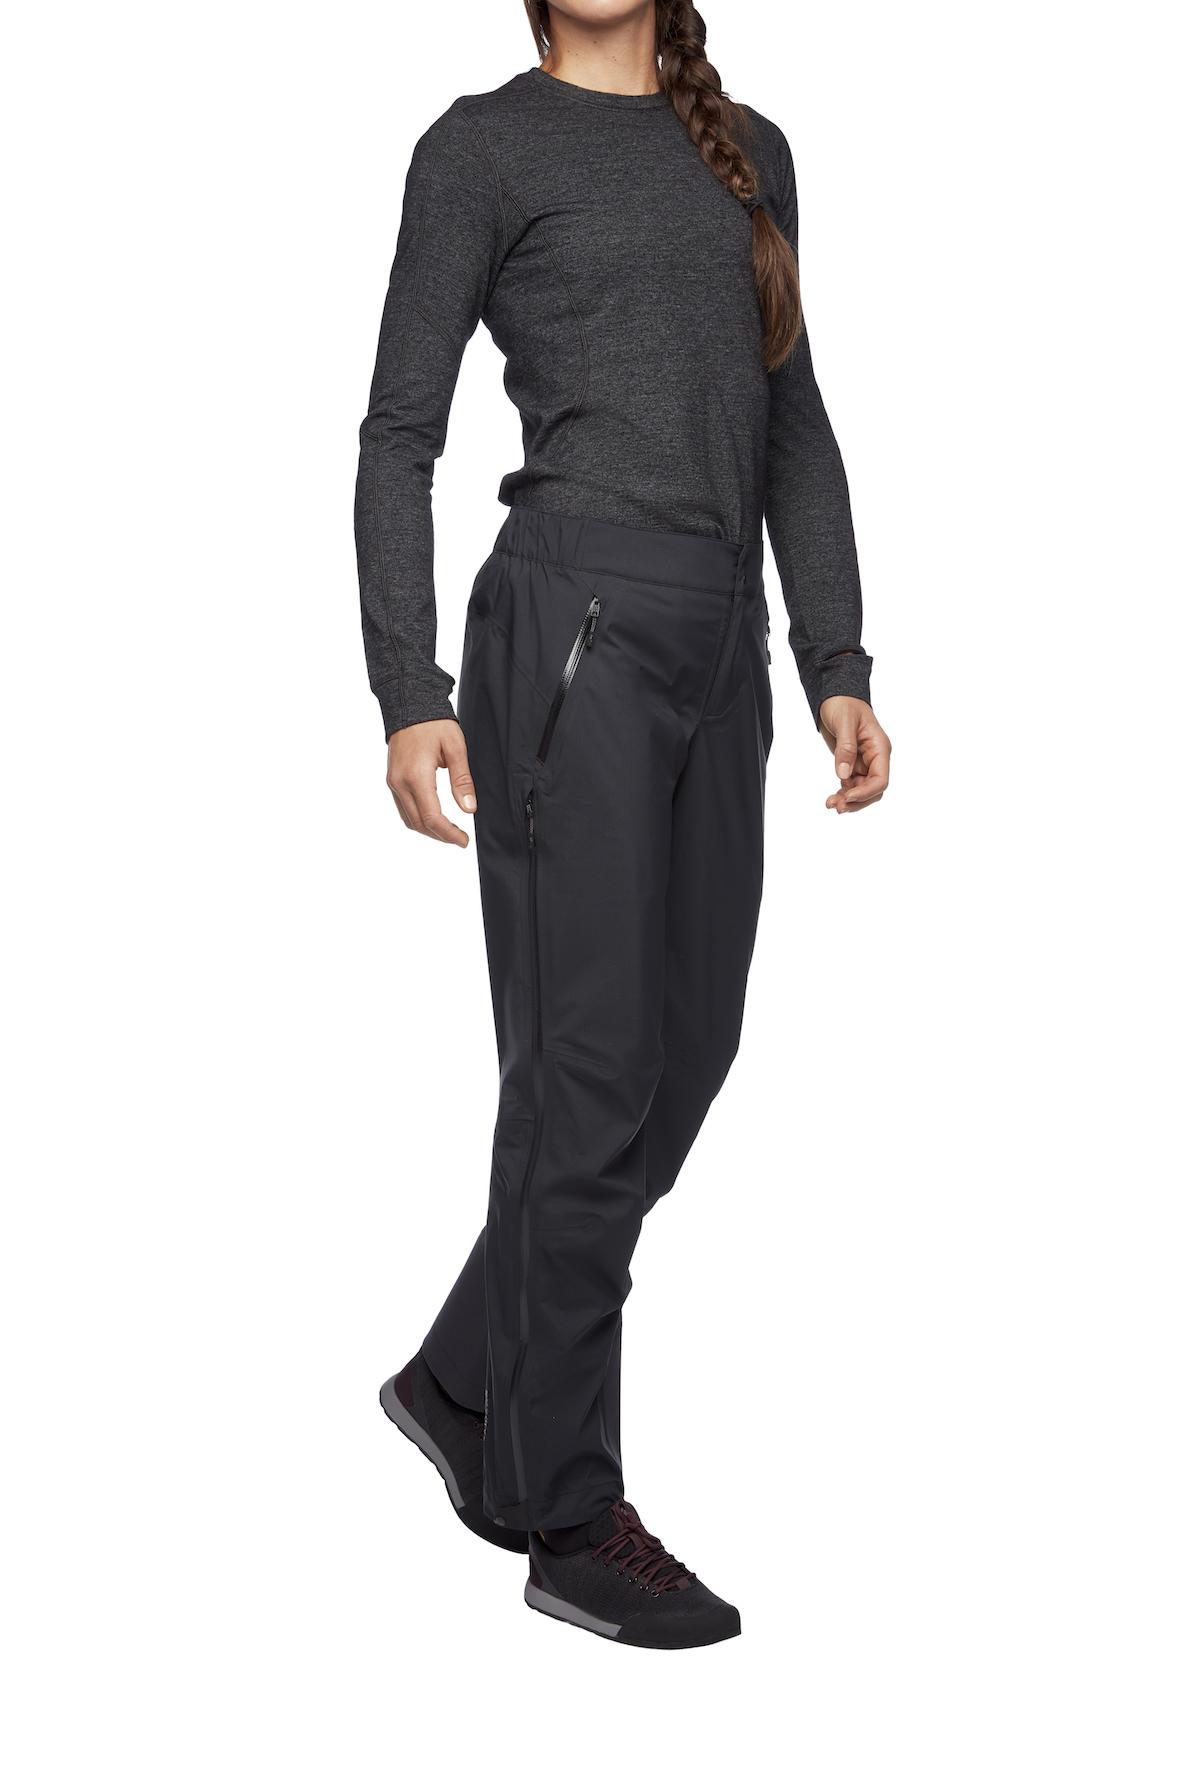 Black Diamond FW20/21 Women's Outerwear